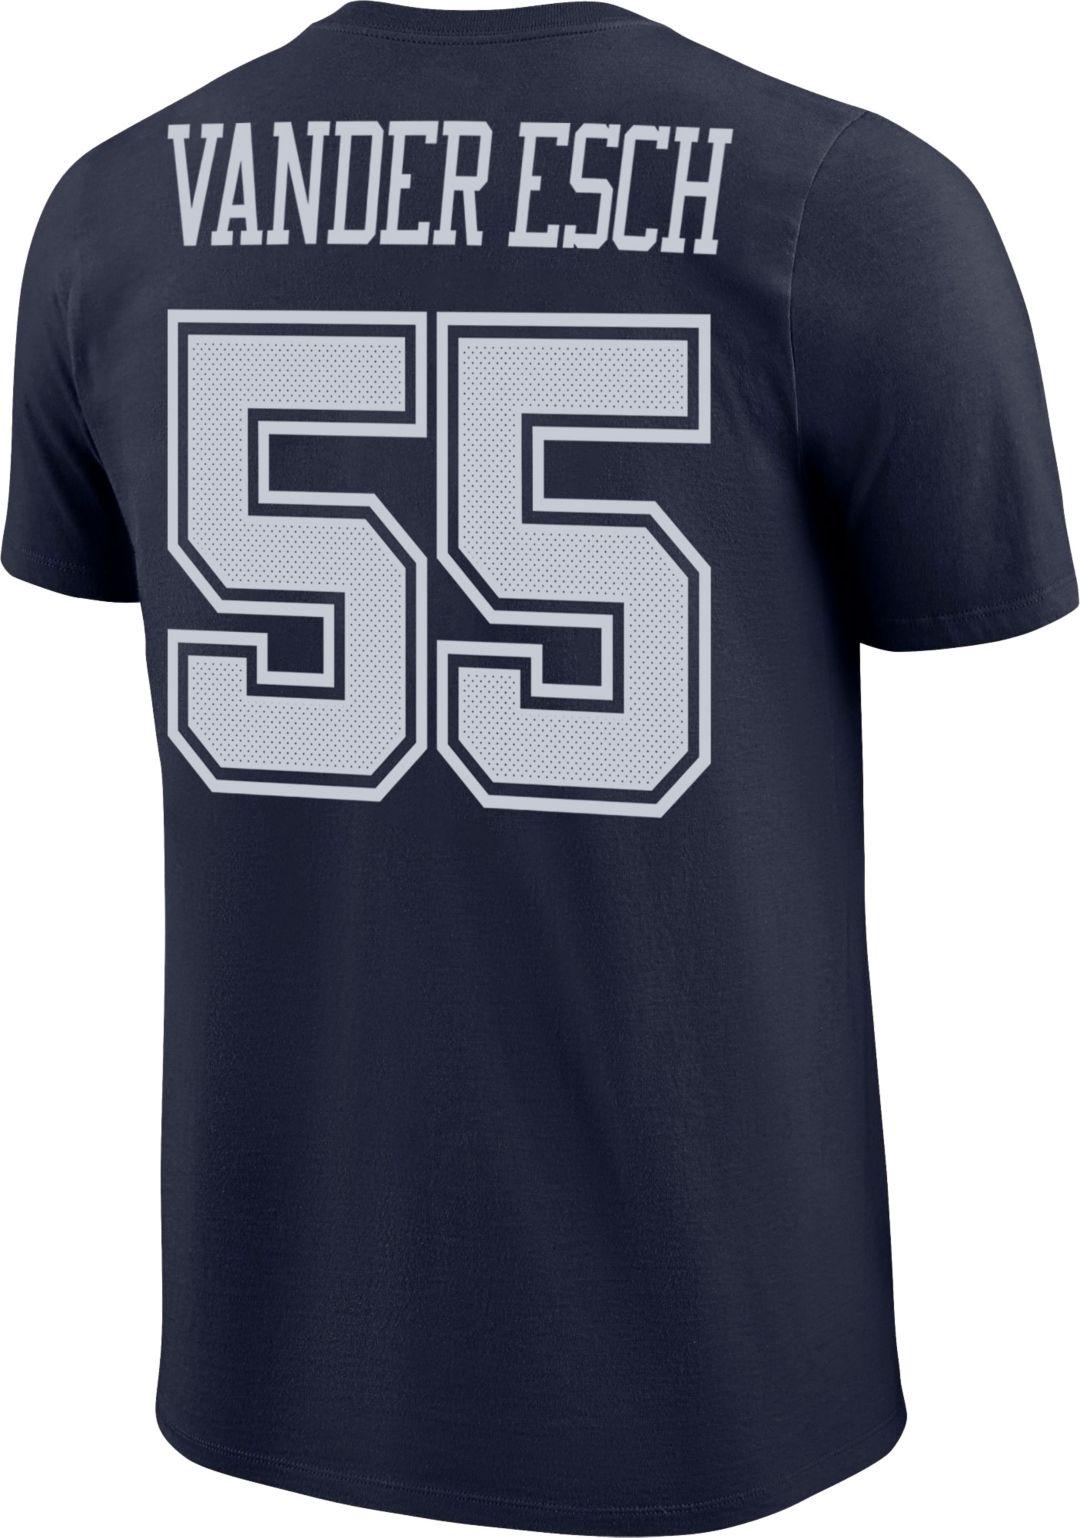 check out 64b39 57788 Nike Men's Dallas Cowboys Leighton Vander Esch #55 Logo Navy T-Shirt